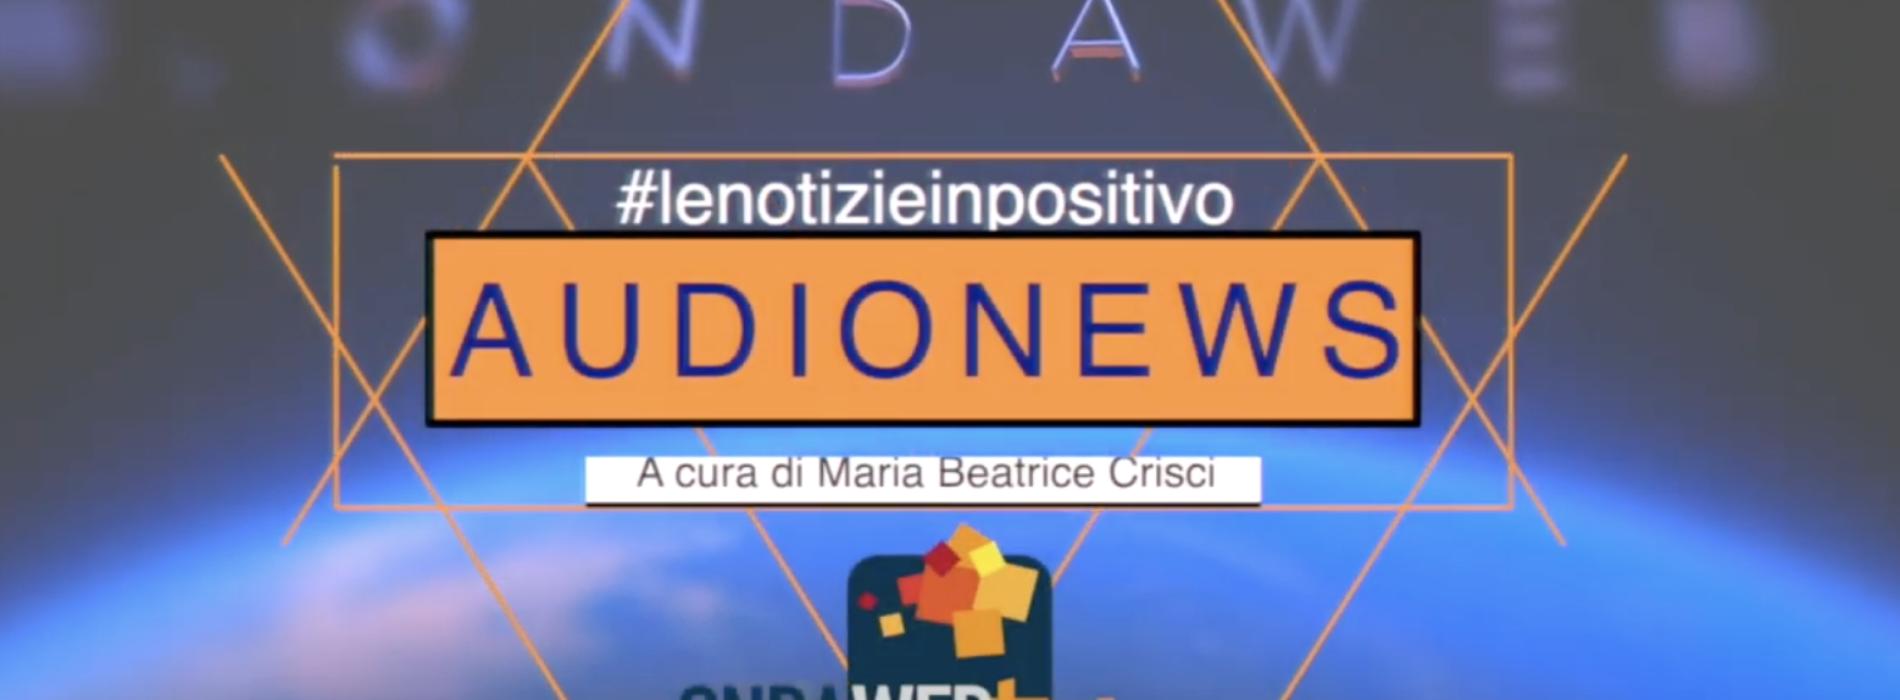 Audionews di Ondawebtv. 19 febbraio